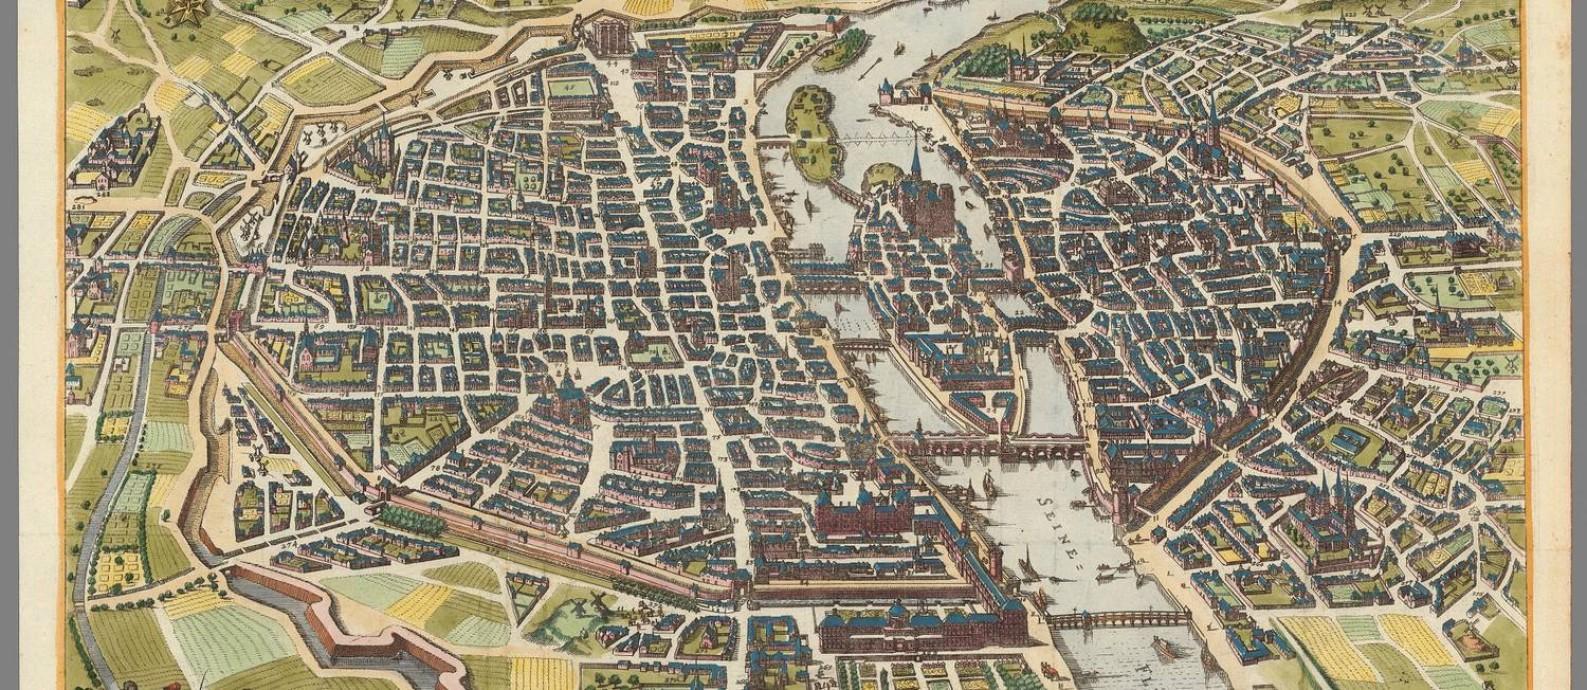 Mapa alemão de Paris em 1620, acervo da David Rumsey Maps Collection Foto: Reprodução / David Rumsey Maps Collection